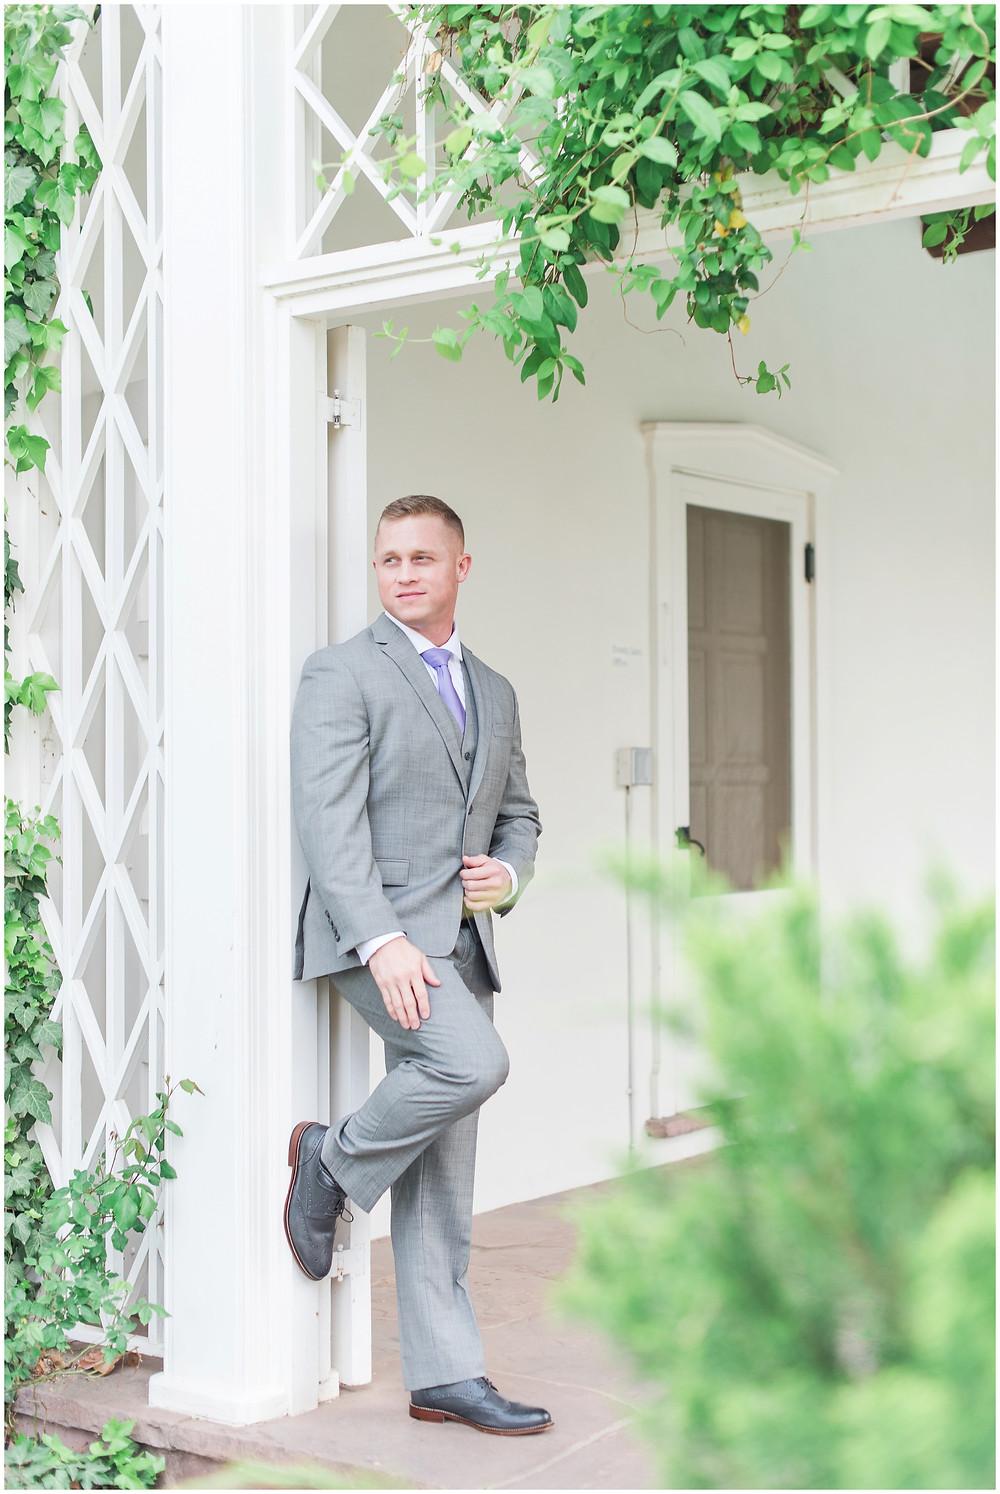 los poblanos wedding venue. groom new mexico. groom los poblanos. albuquerque wedding photographer. new mexico wedding photographer.